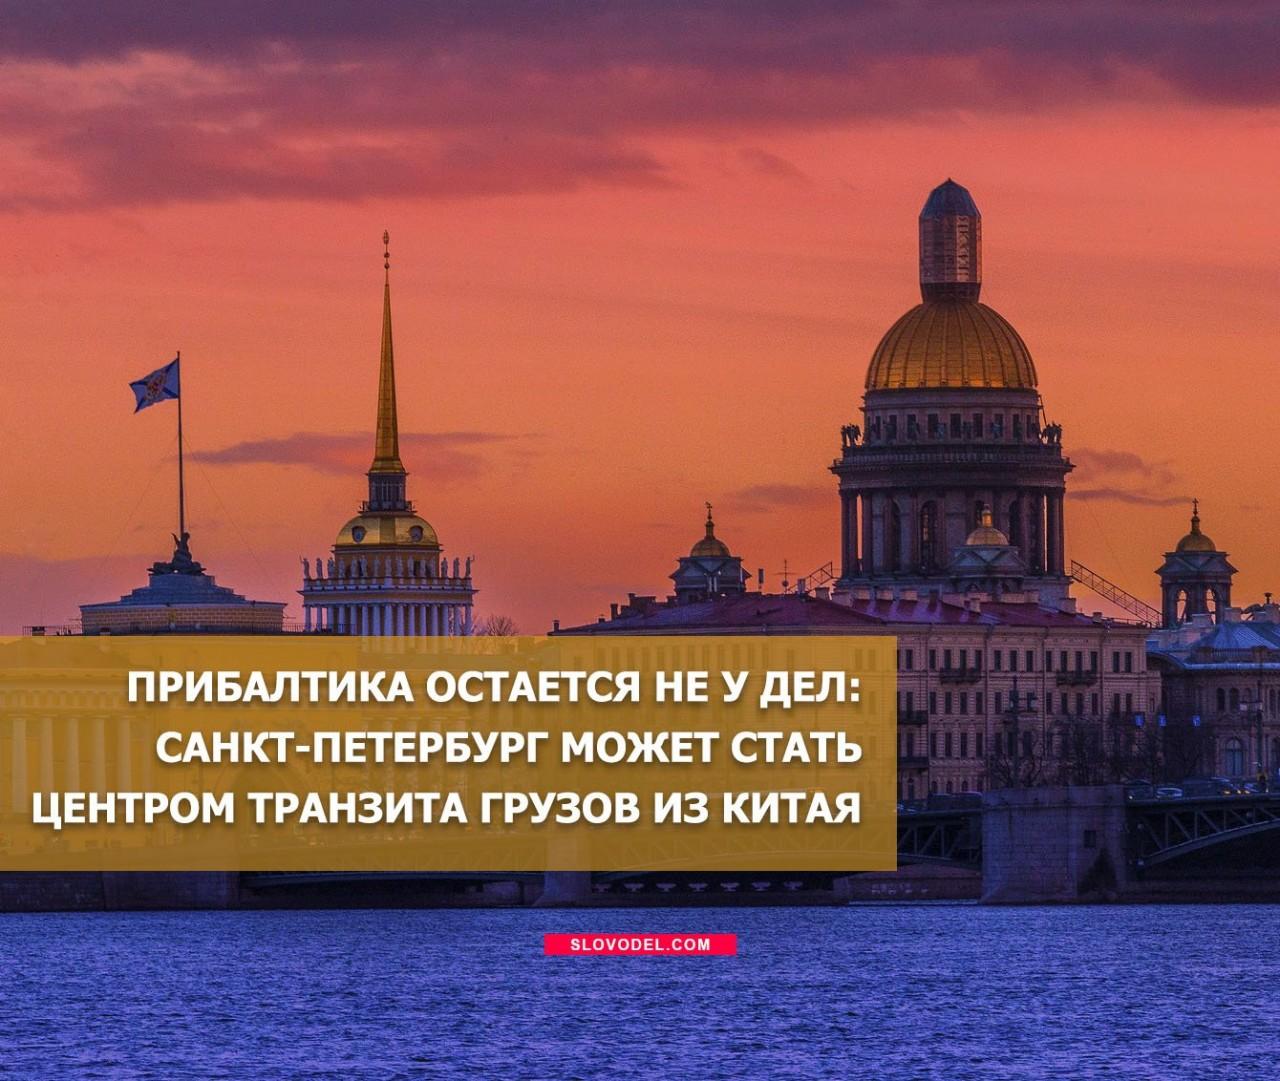 Прибалтика остается не у дел: Санкт-Петербург может стать центром транзита грузов из Китая